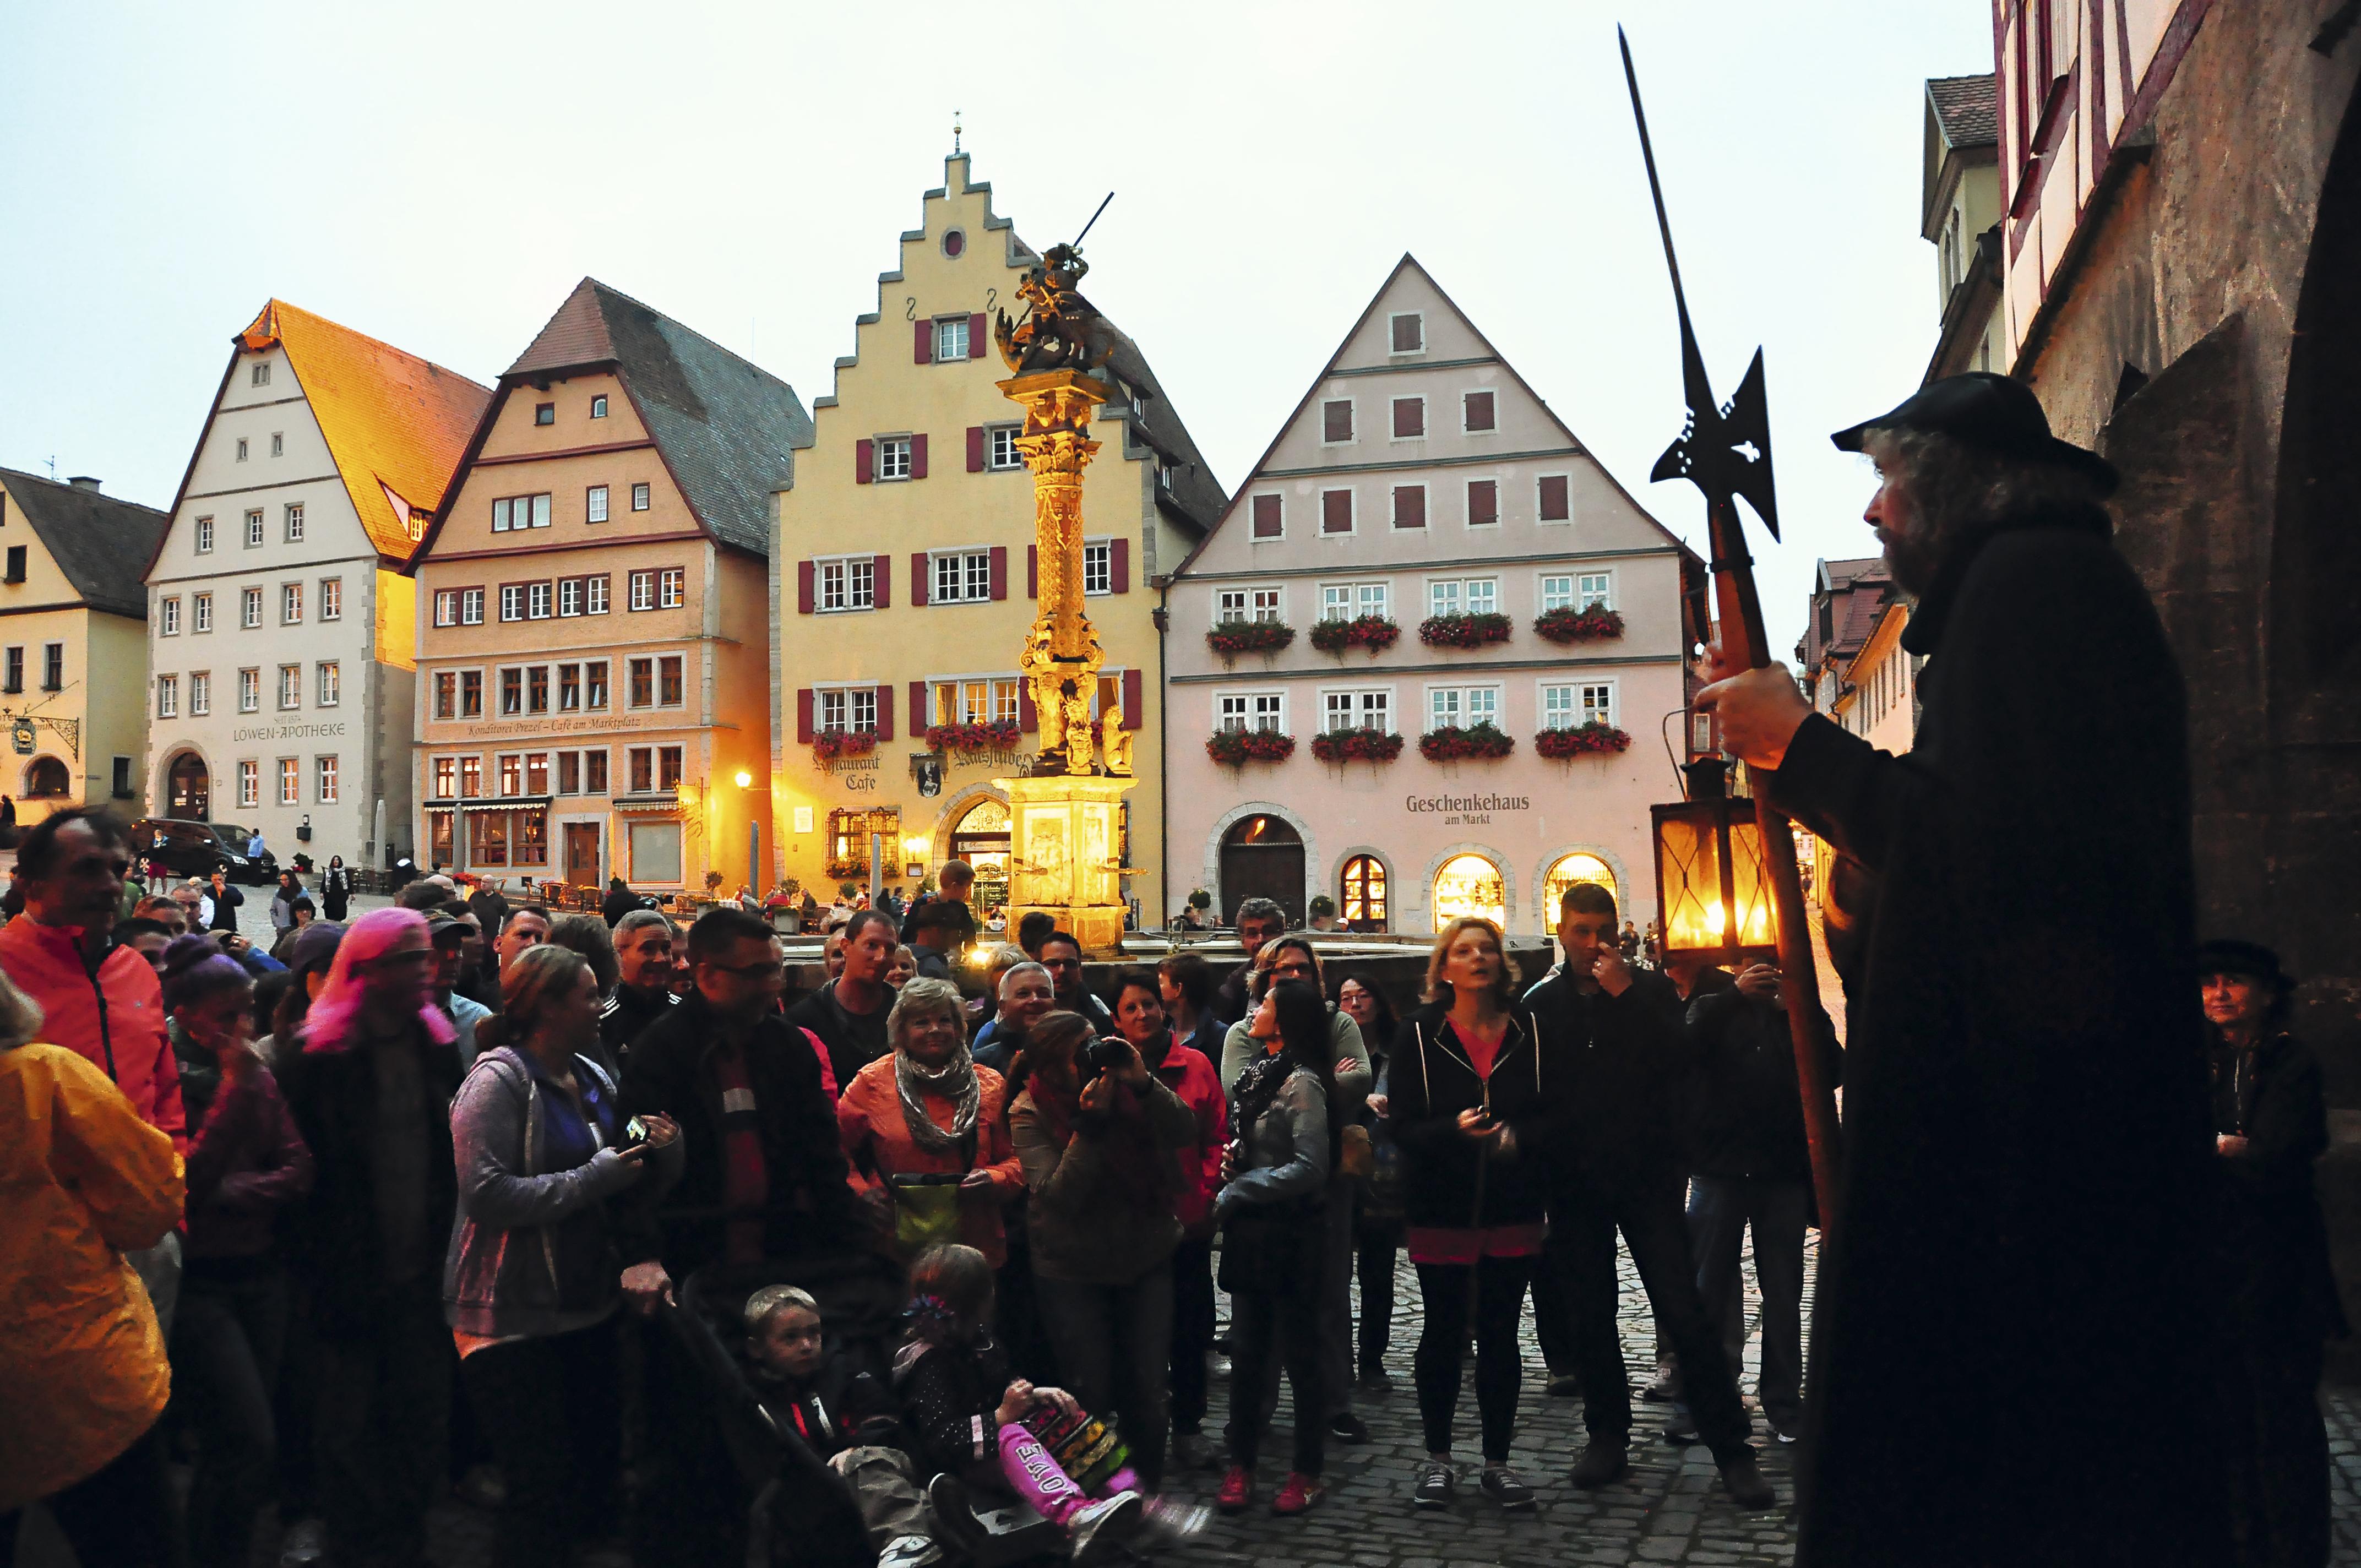 Tour com o guarda em Rothenburg ob der Tauber, Alemanha